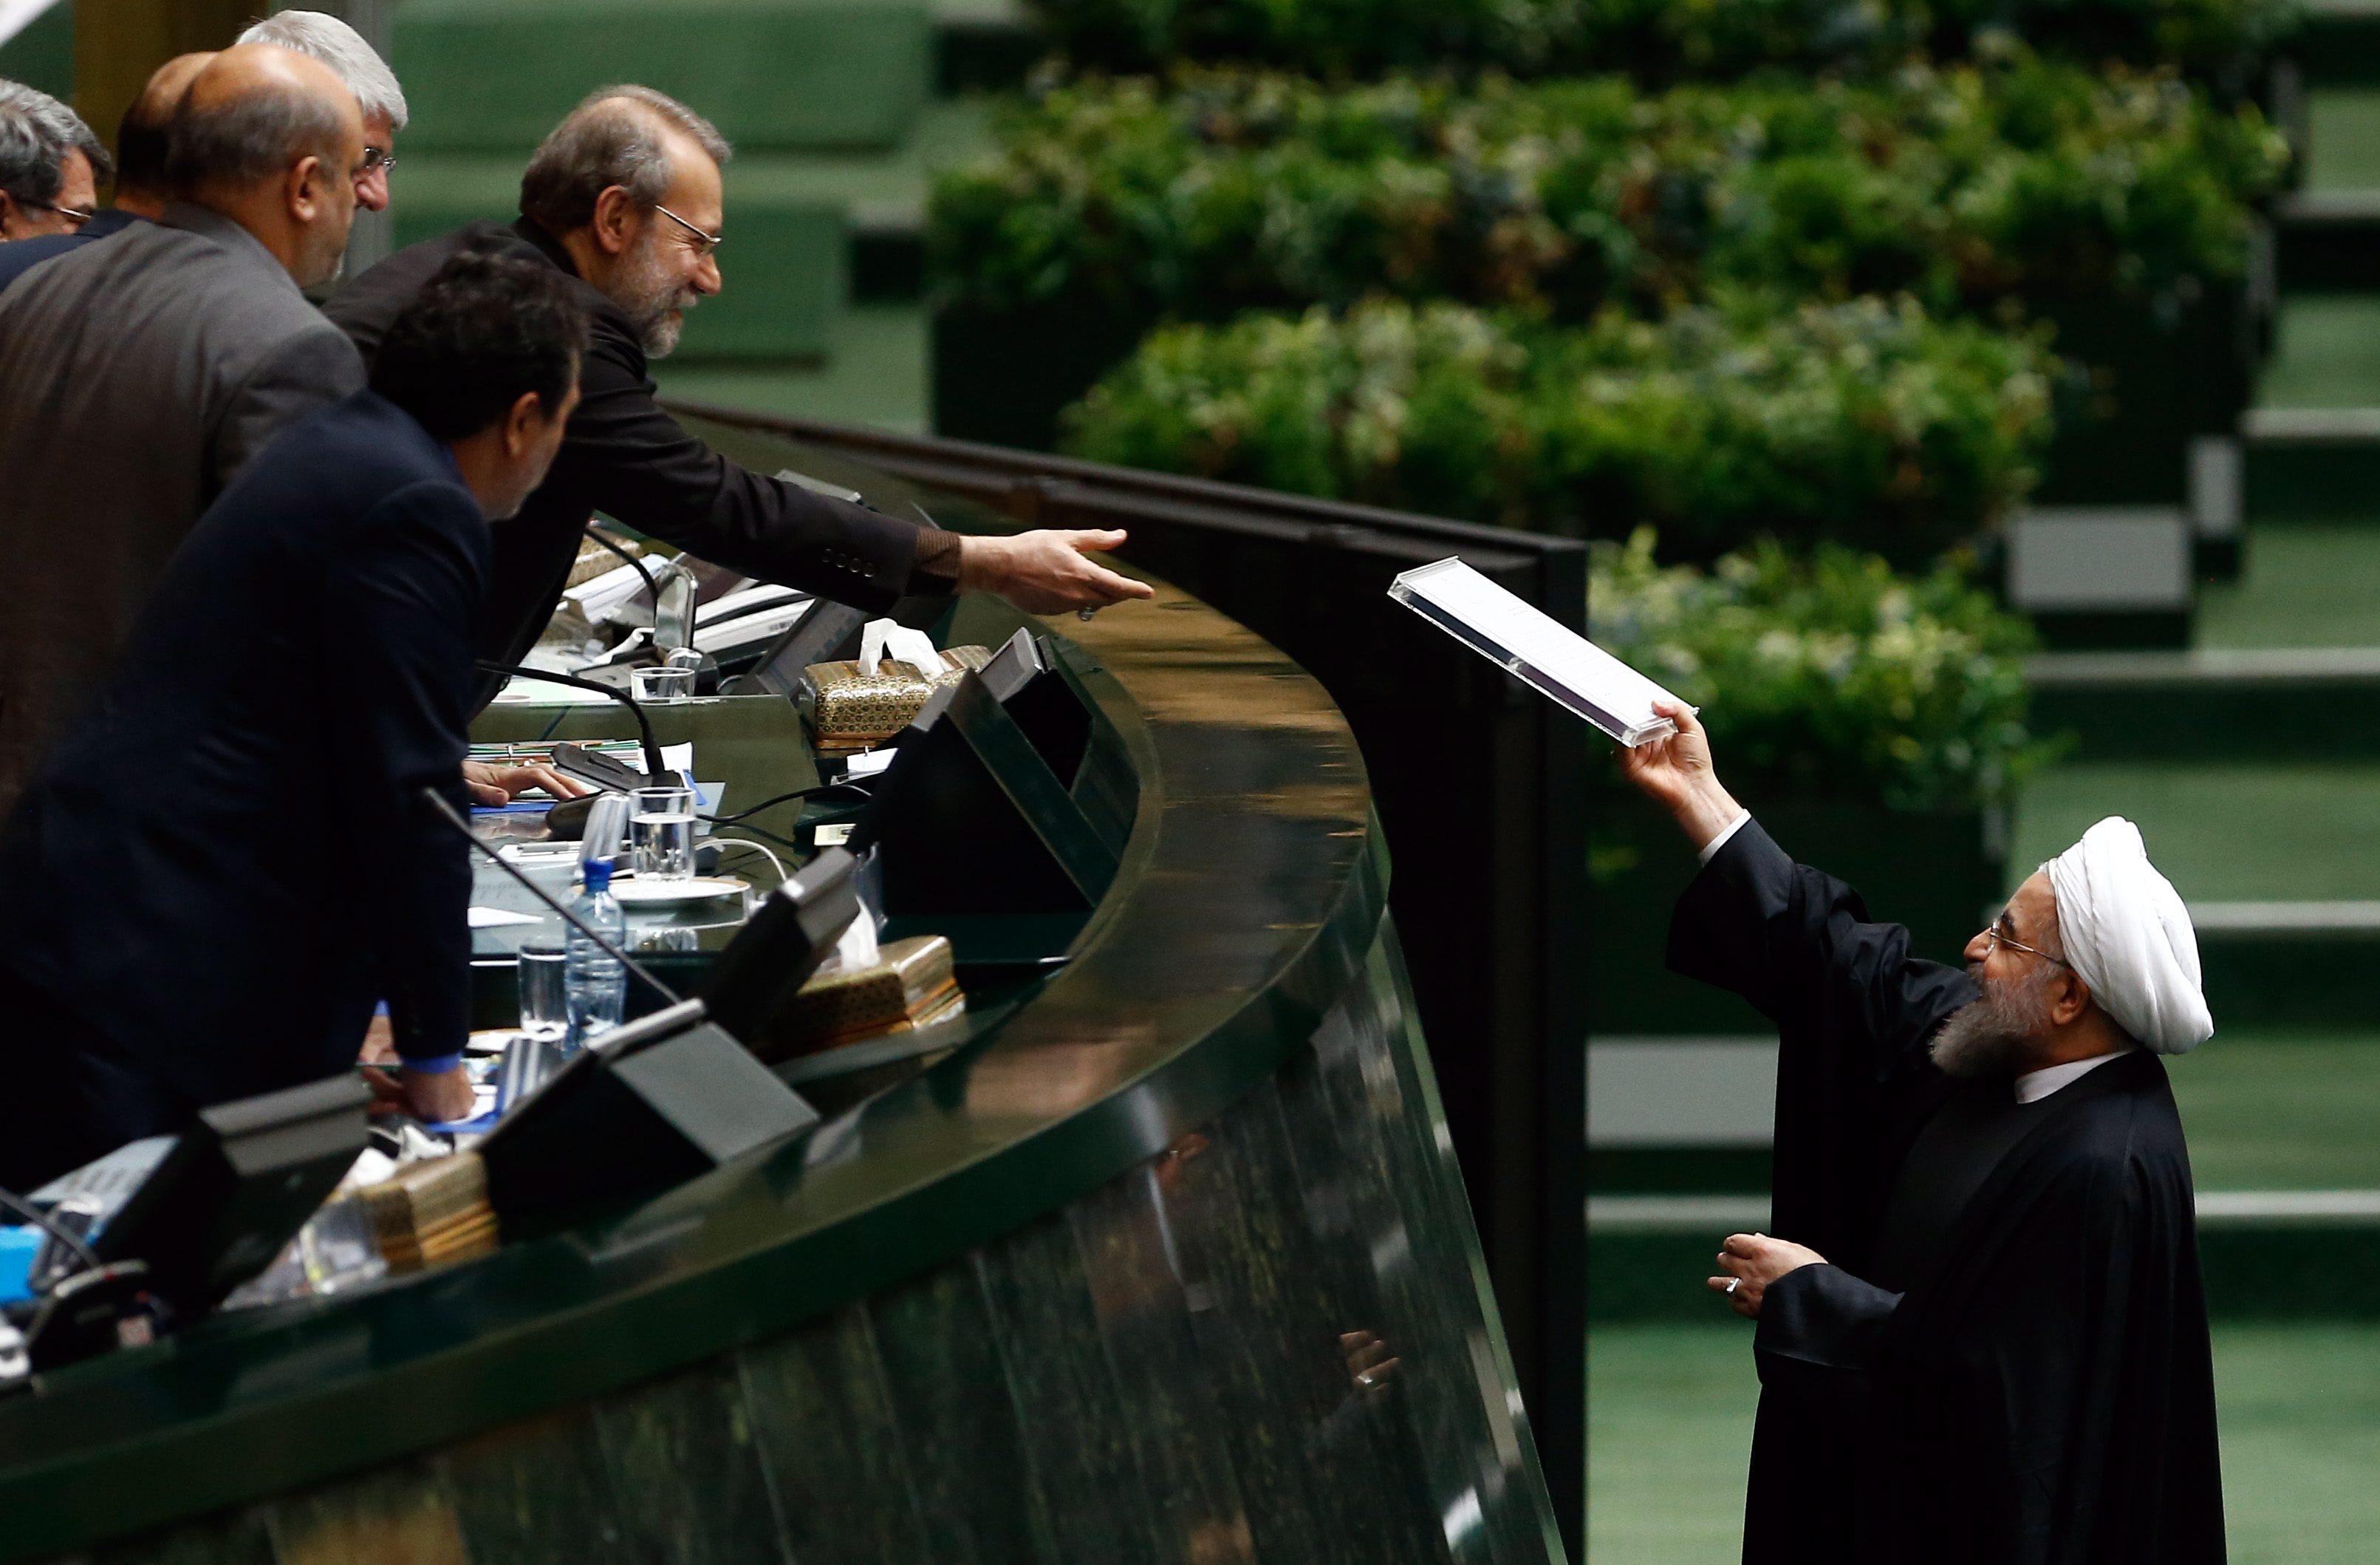 1月17日,在伊朗首都德黑兰,伊朗总统鲁哈尼(右)向议会递交年度预算。鲁哈尼17日表示,伊核问题全面协议正式执行后,伊朗与世界的关系已经开启了新篇章。经过马拉松式艰难谈判,伊朗与伊核问题六国(美国、英国、法国、俄罗斯、中国和德国)于2015年7月14日达成伊核问题全面协议。根据协议,伊朗将限制其核计划,作为交换,国际社会将解除对伊朗制裁。(新华社外代图片 北京2016年1月18日 新华社/欧新中文)